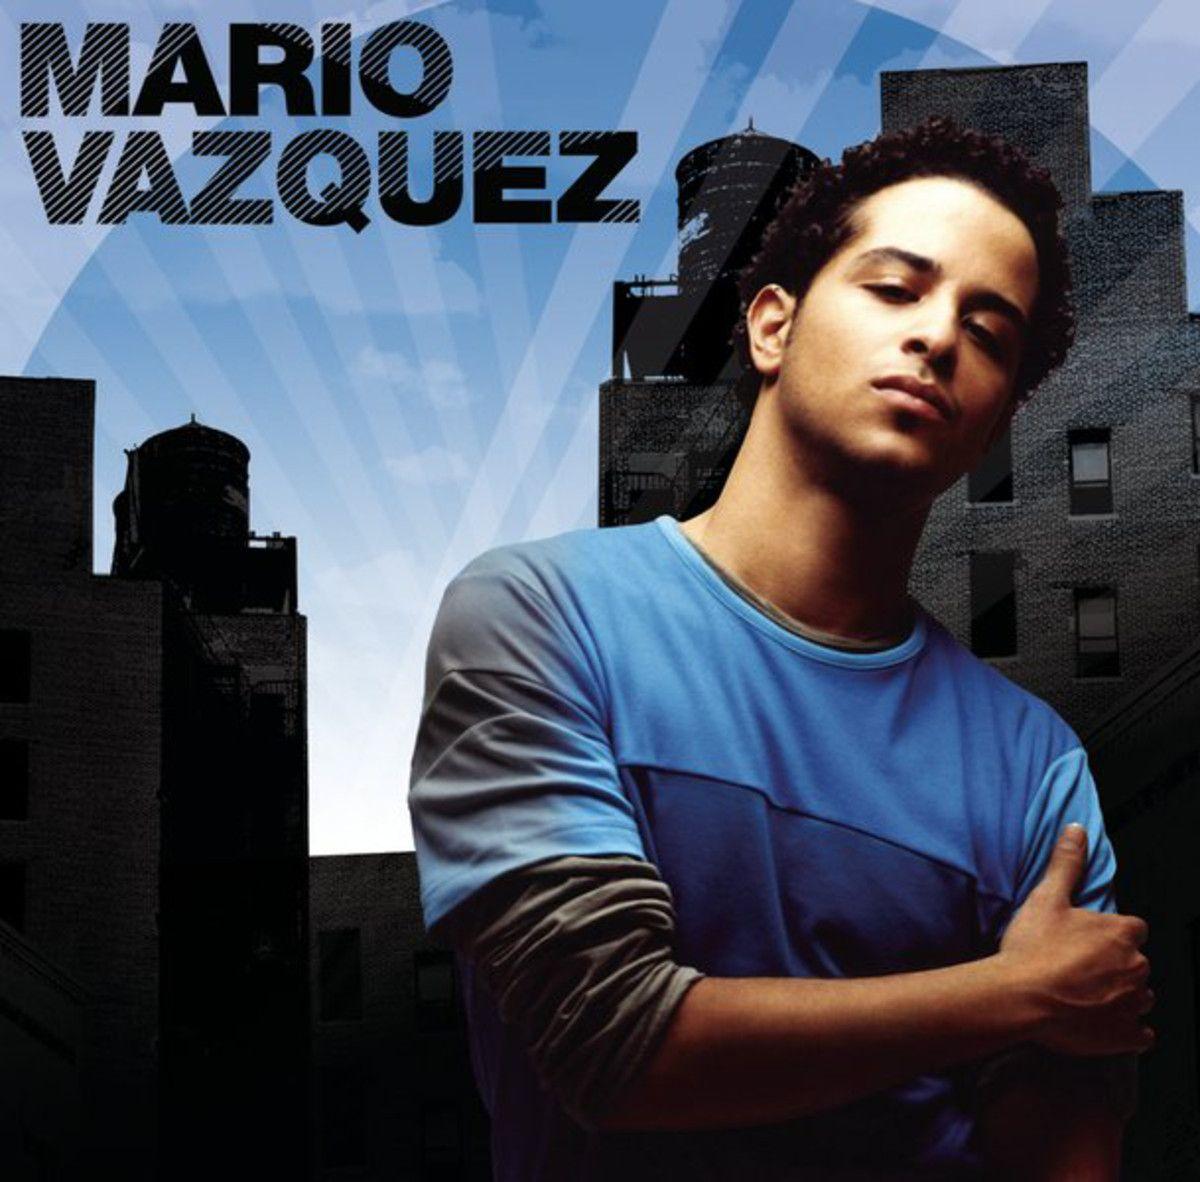 Mario Vazquez - Mario Vazquez album cover